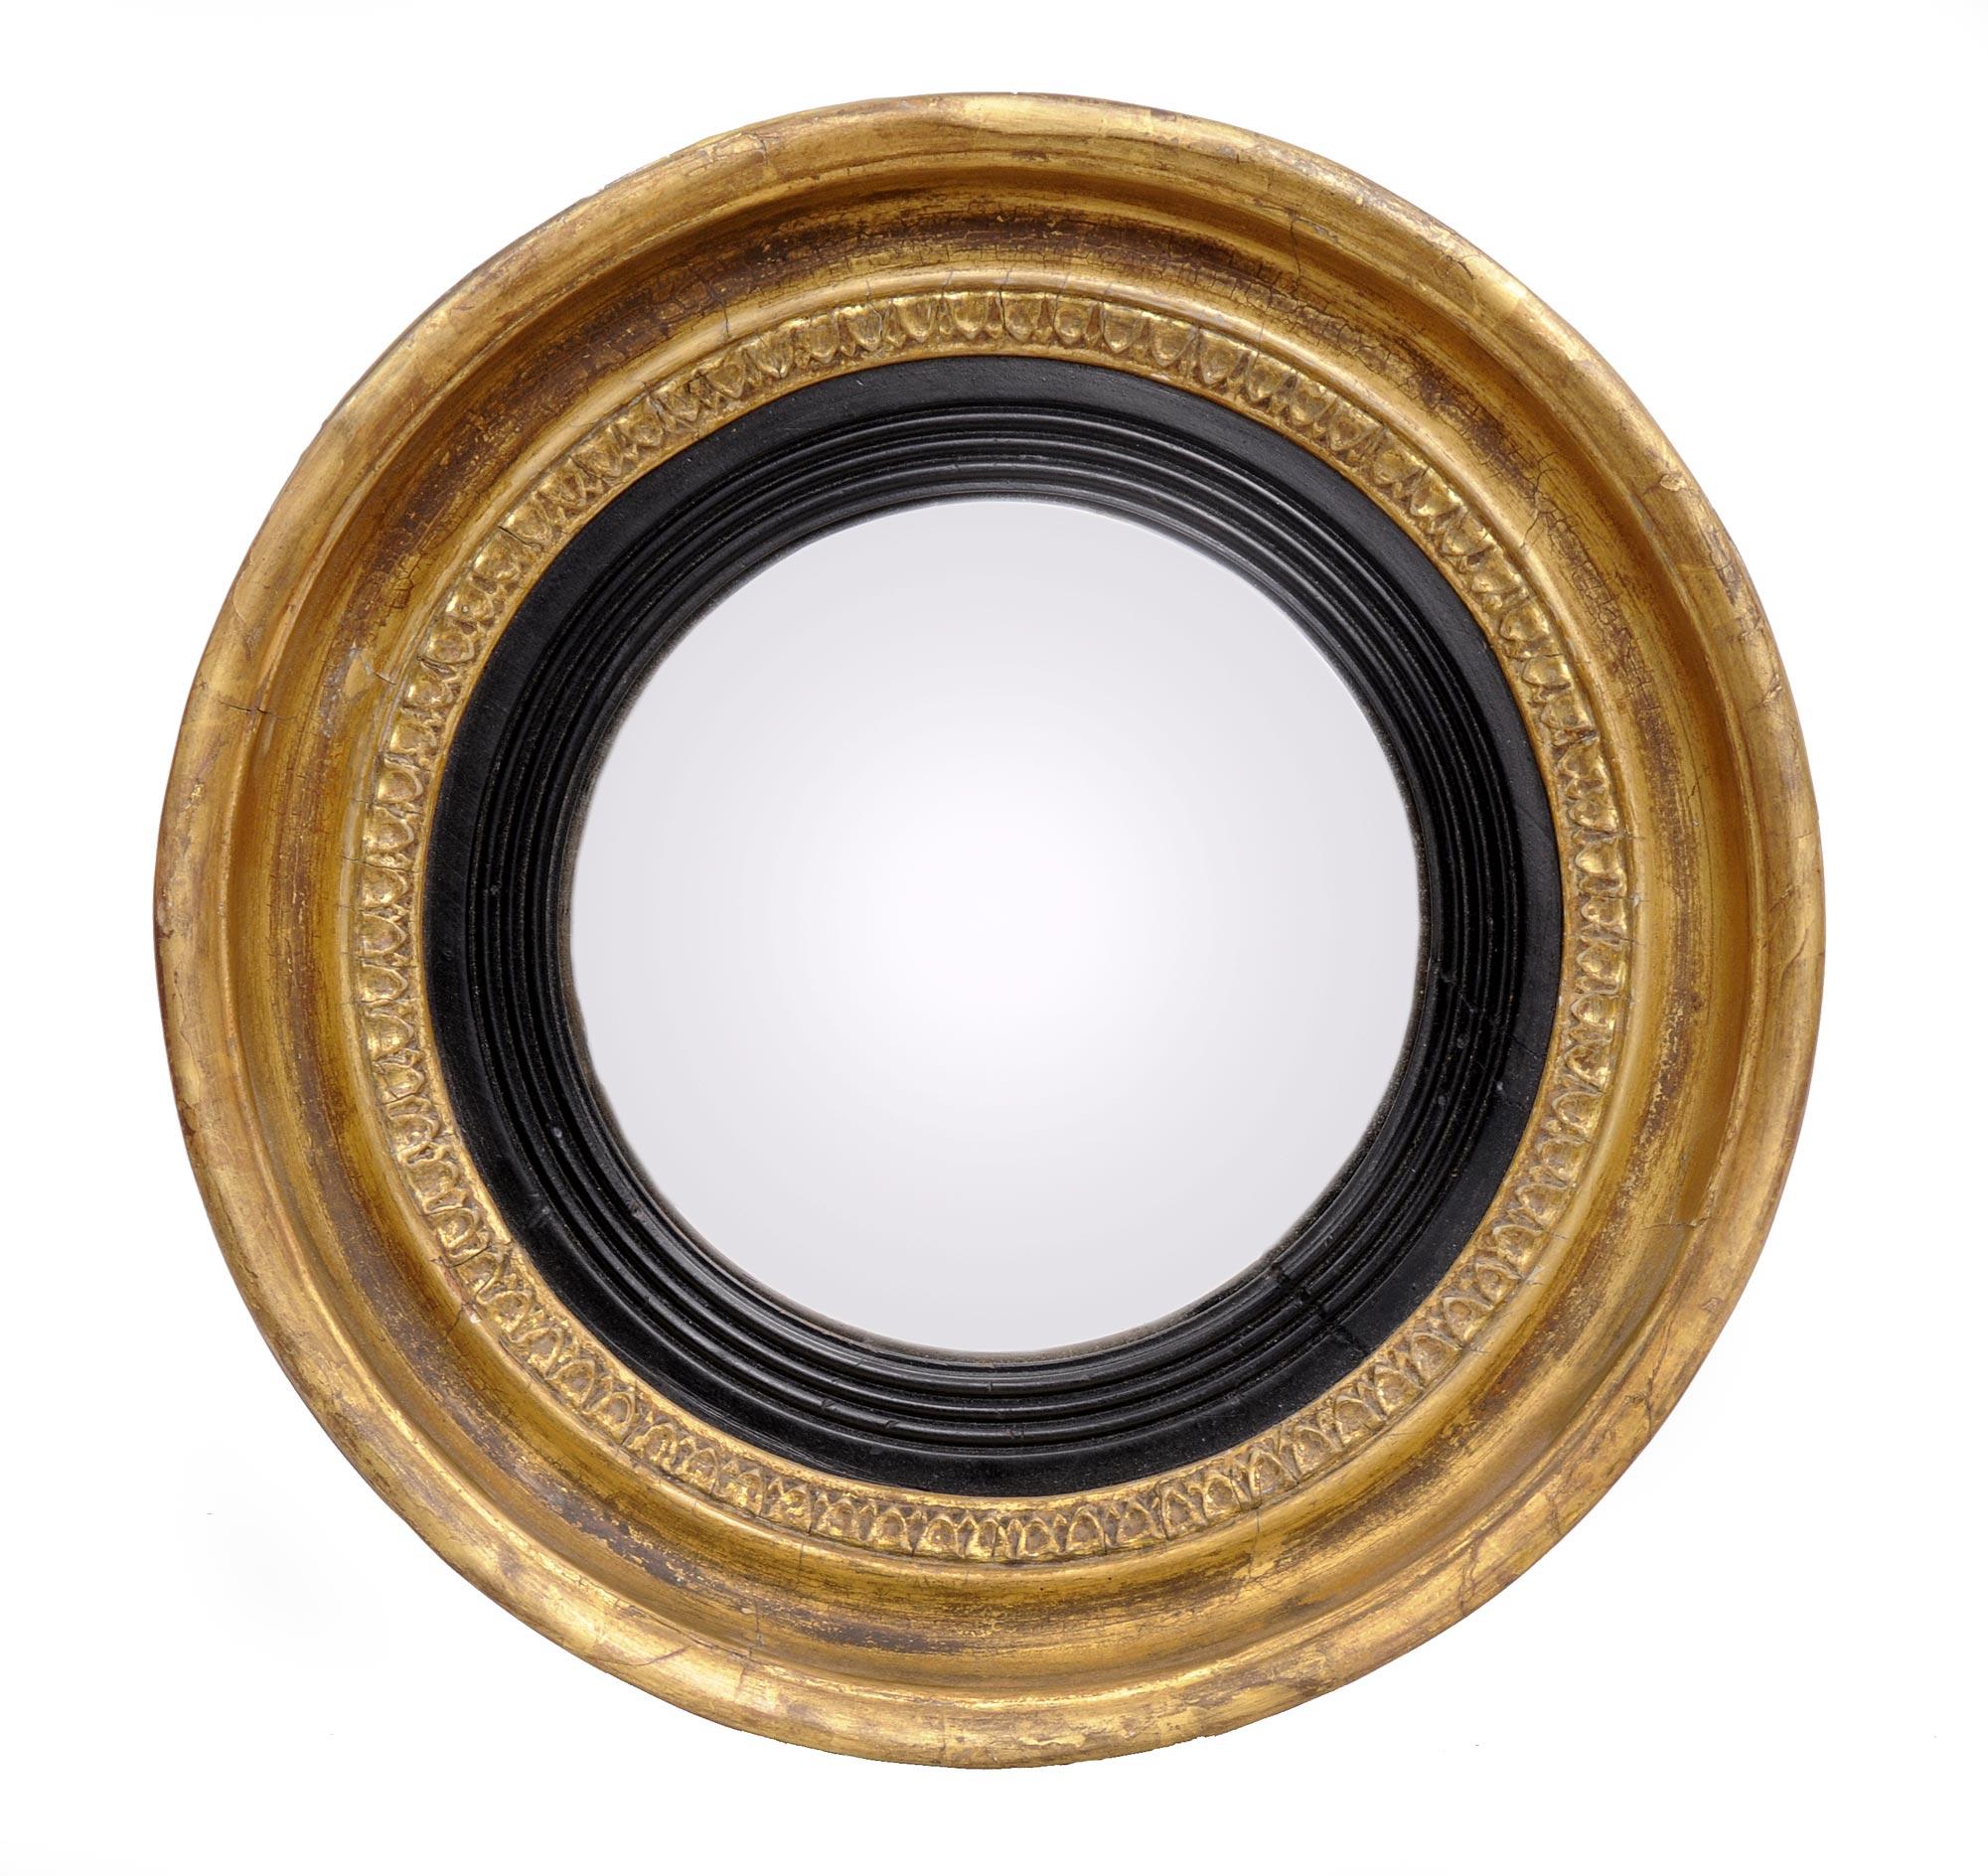 English Regency Convex Mirror Small Antique Mirror